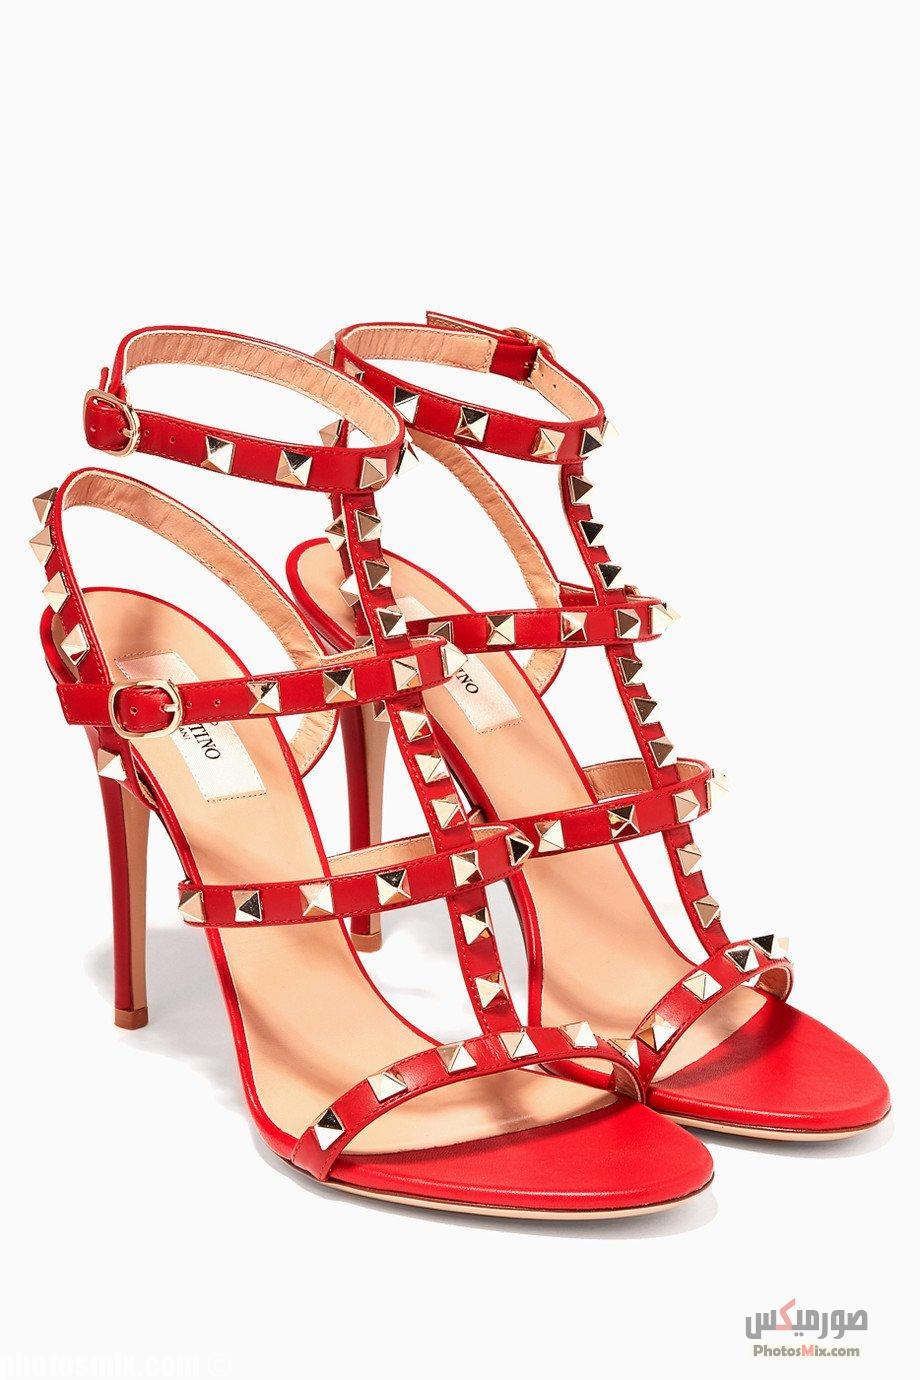 أحذية حريمي 142 - صور أحذية حريمي صيف 2019, صور أحذية بنات جديدة, صور أحذية حريمي فلات